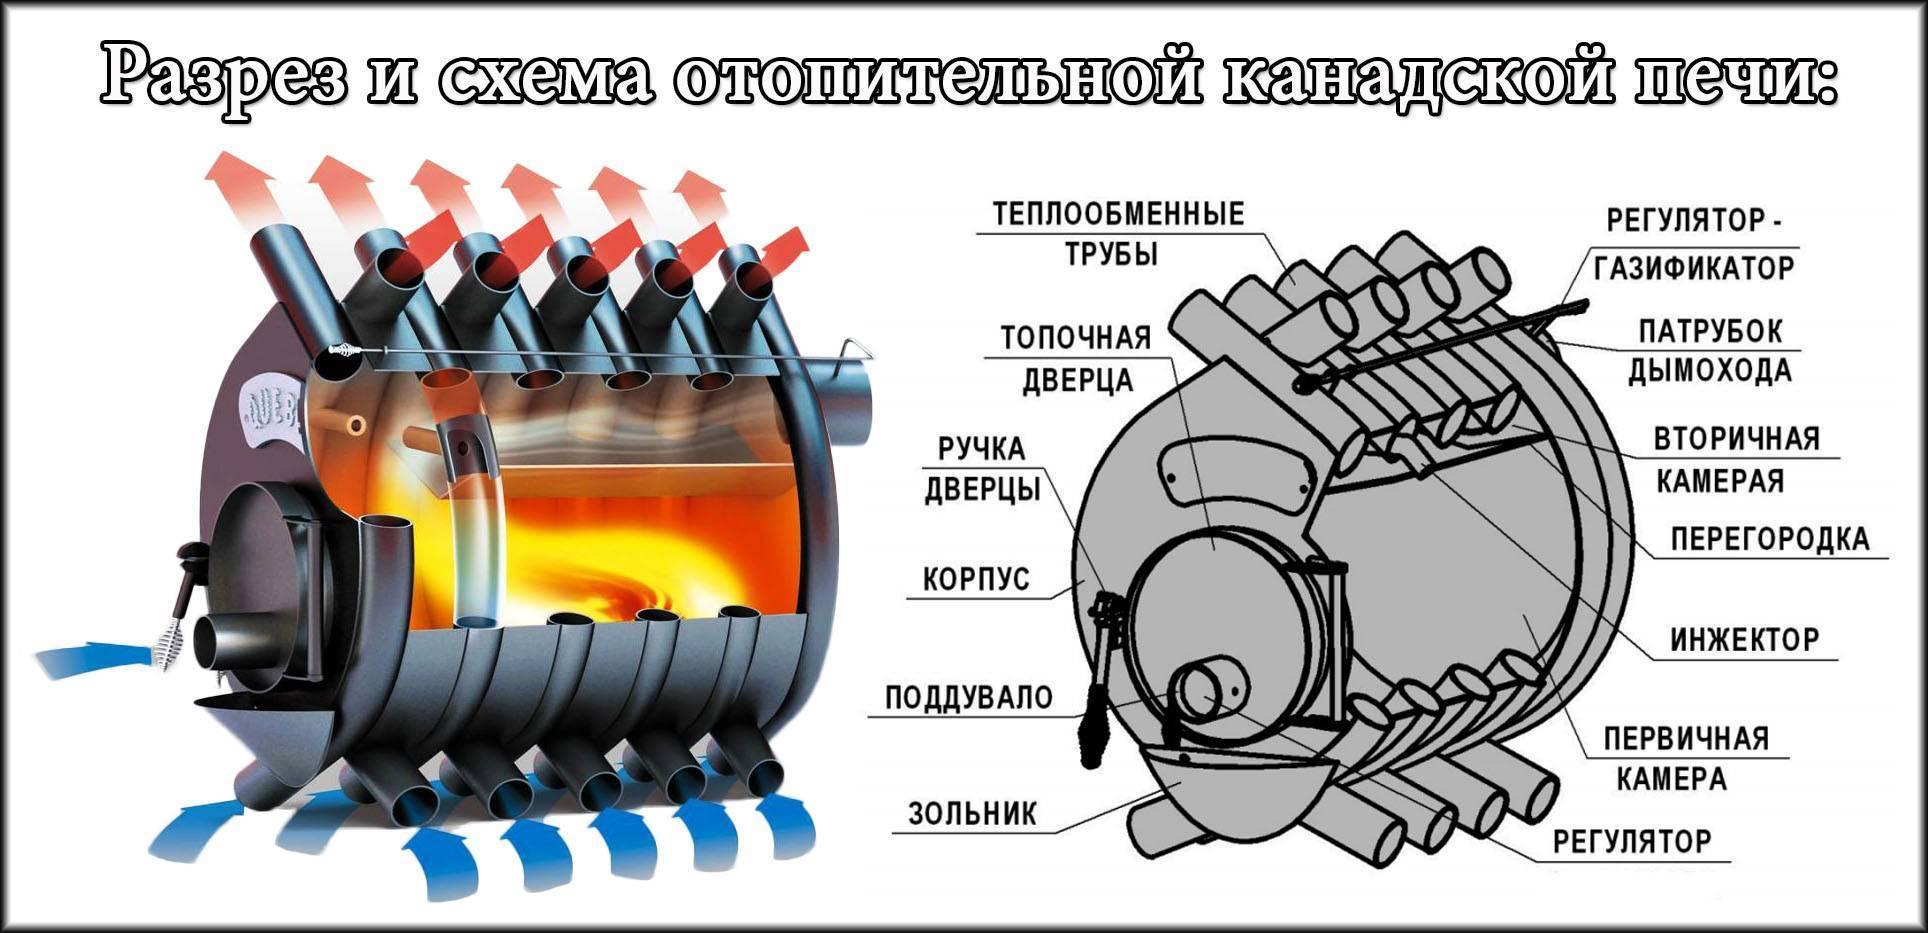 Печь бутакова своими руками - инструкция! читайте тут